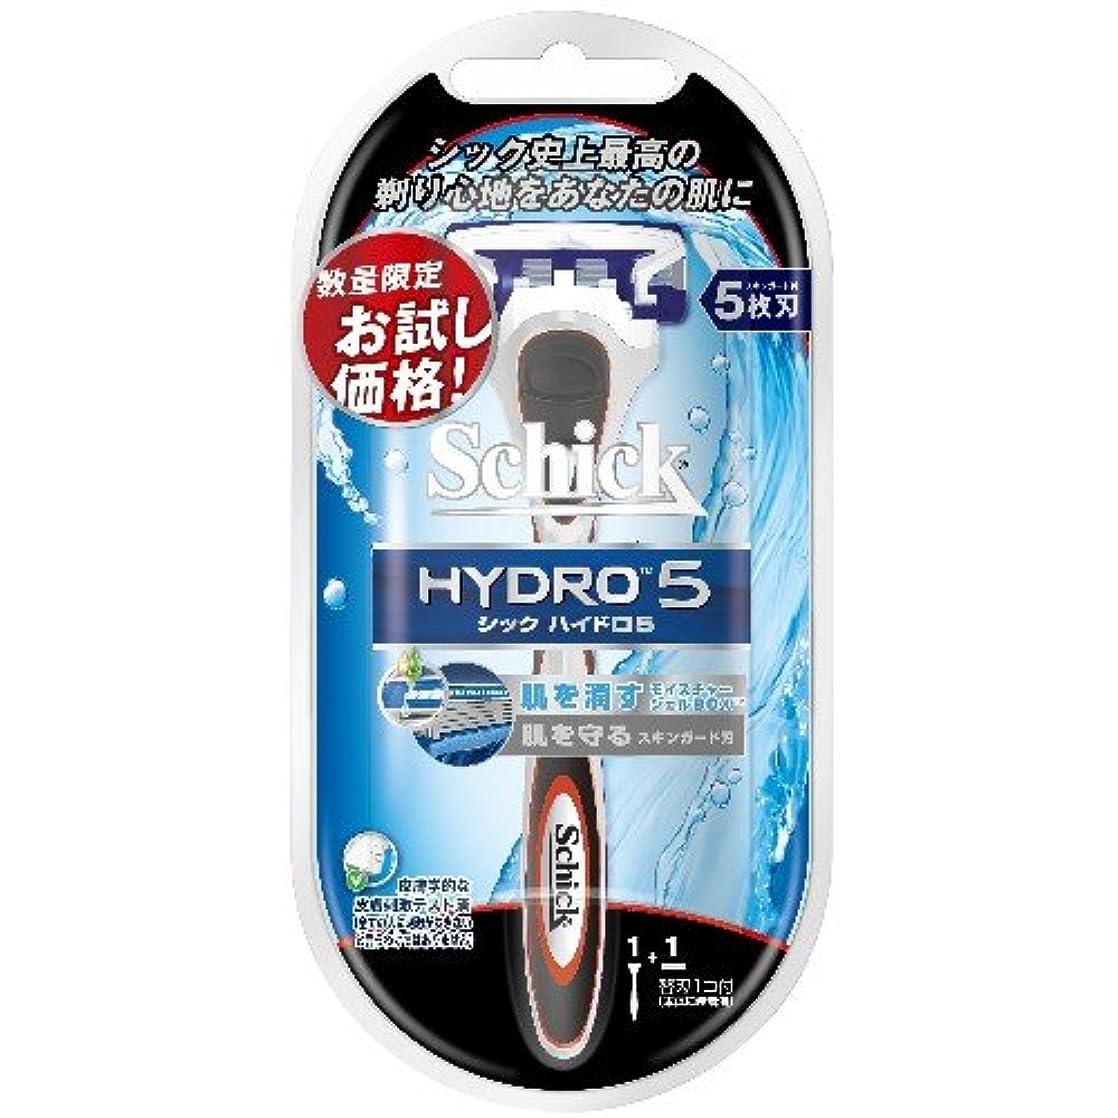 クライストチャーチ電極通常シック 【限定品】ハイドロ5 お試しホルダー 替刃1コつき